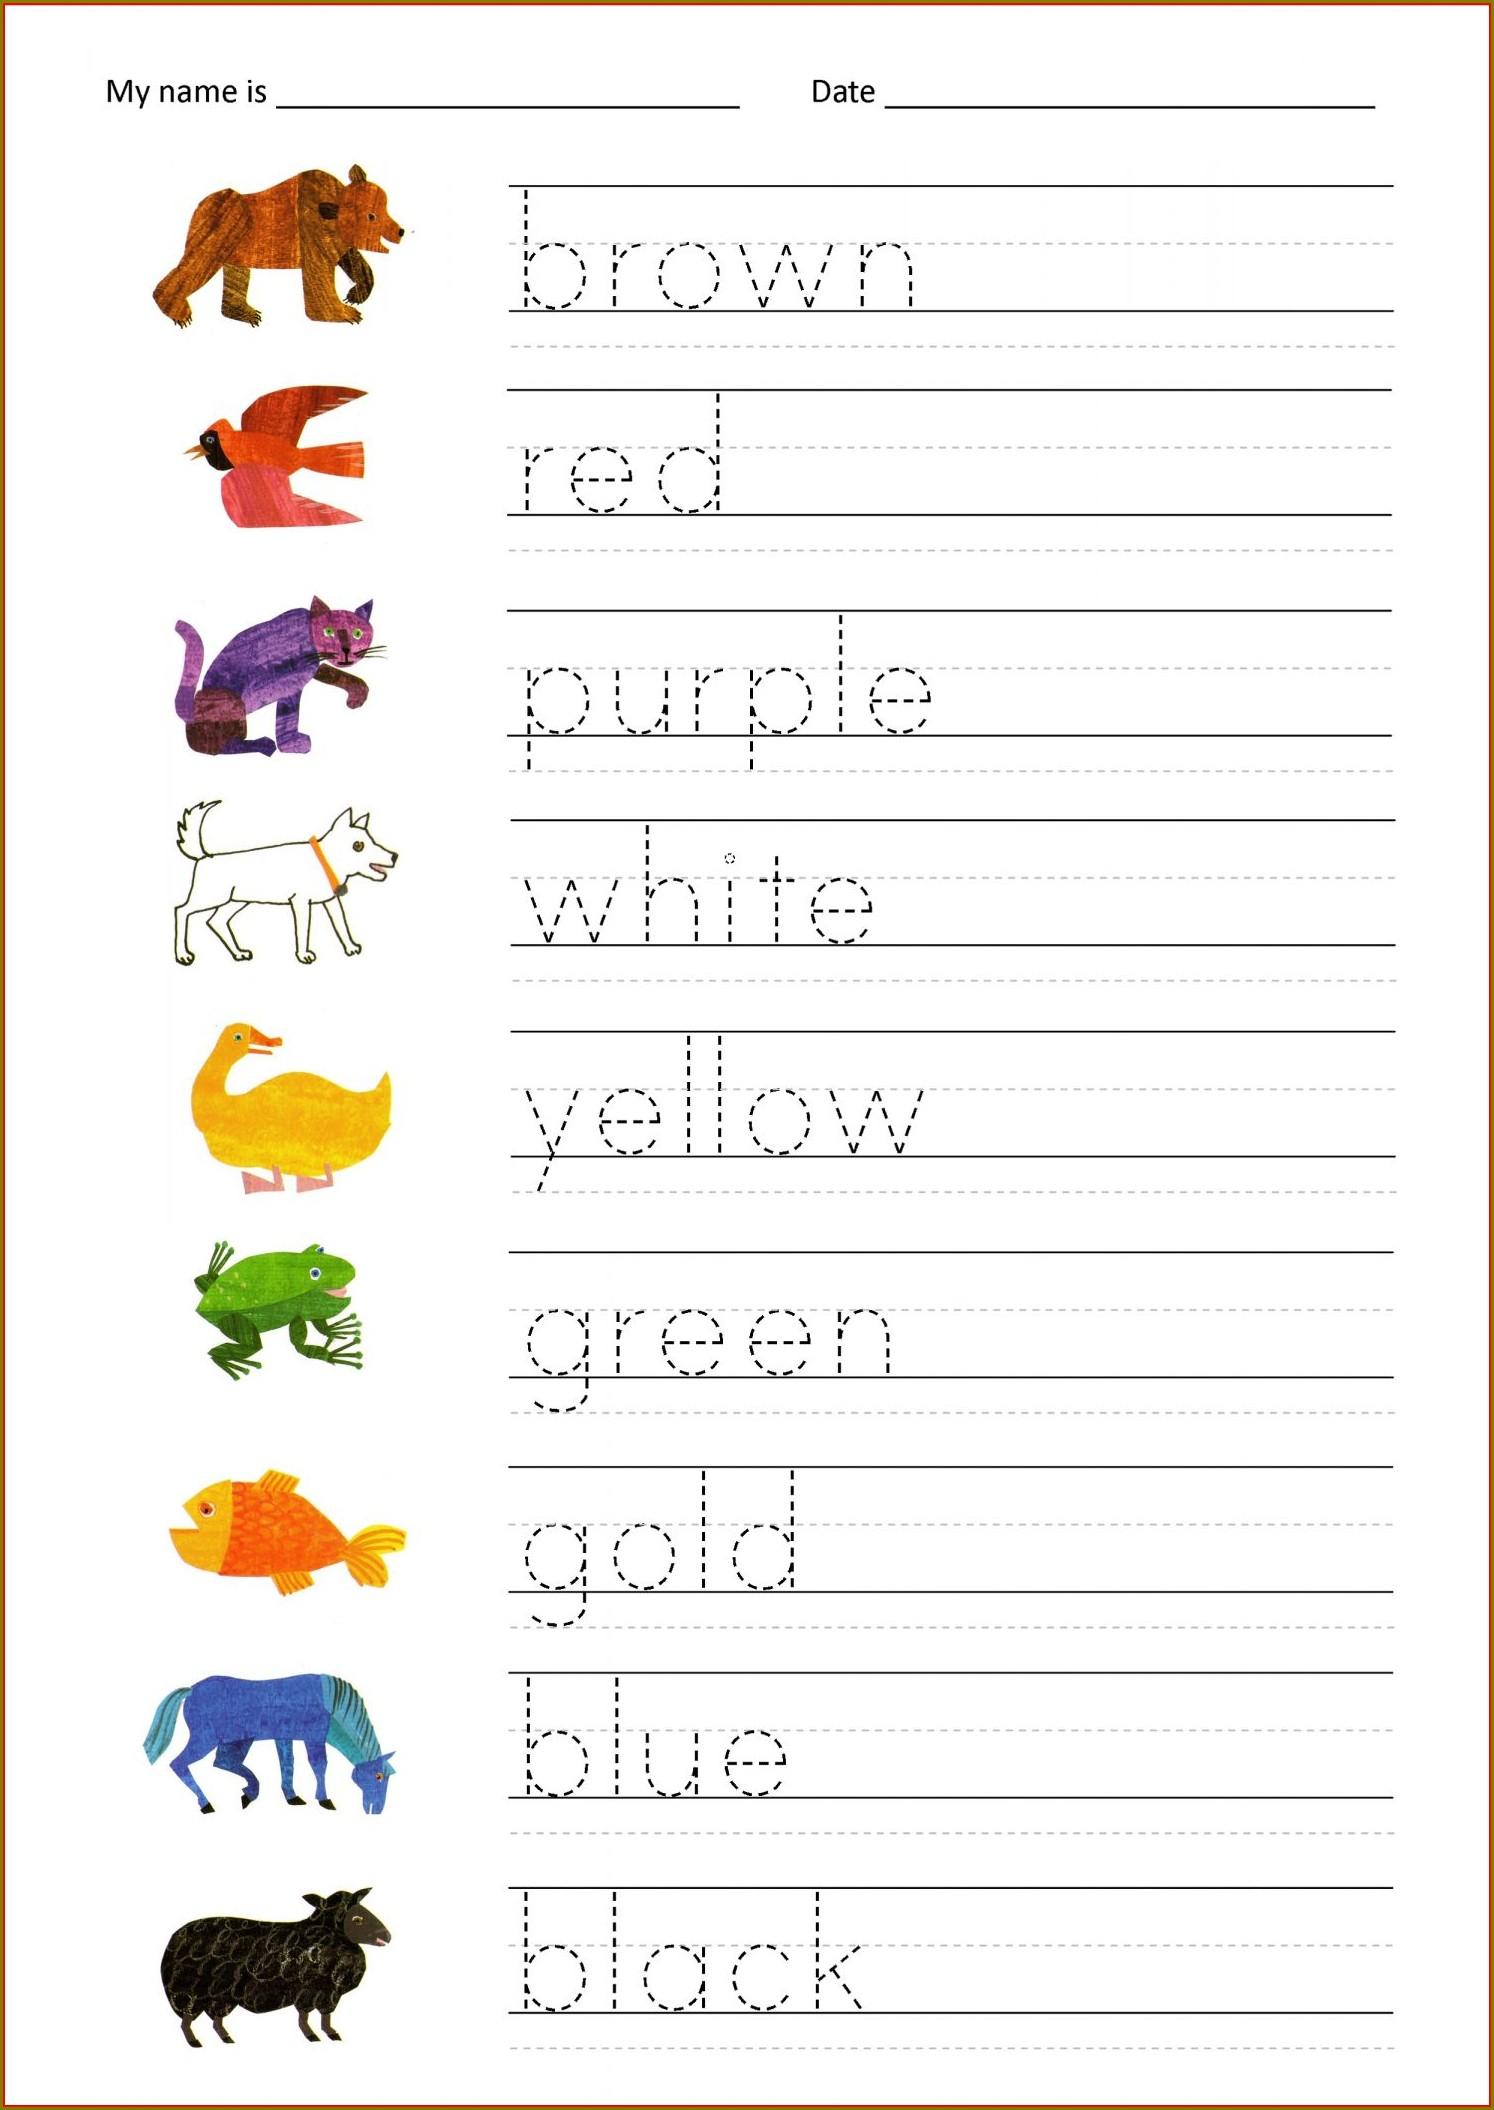 Preschool Worksheet Tracing Name